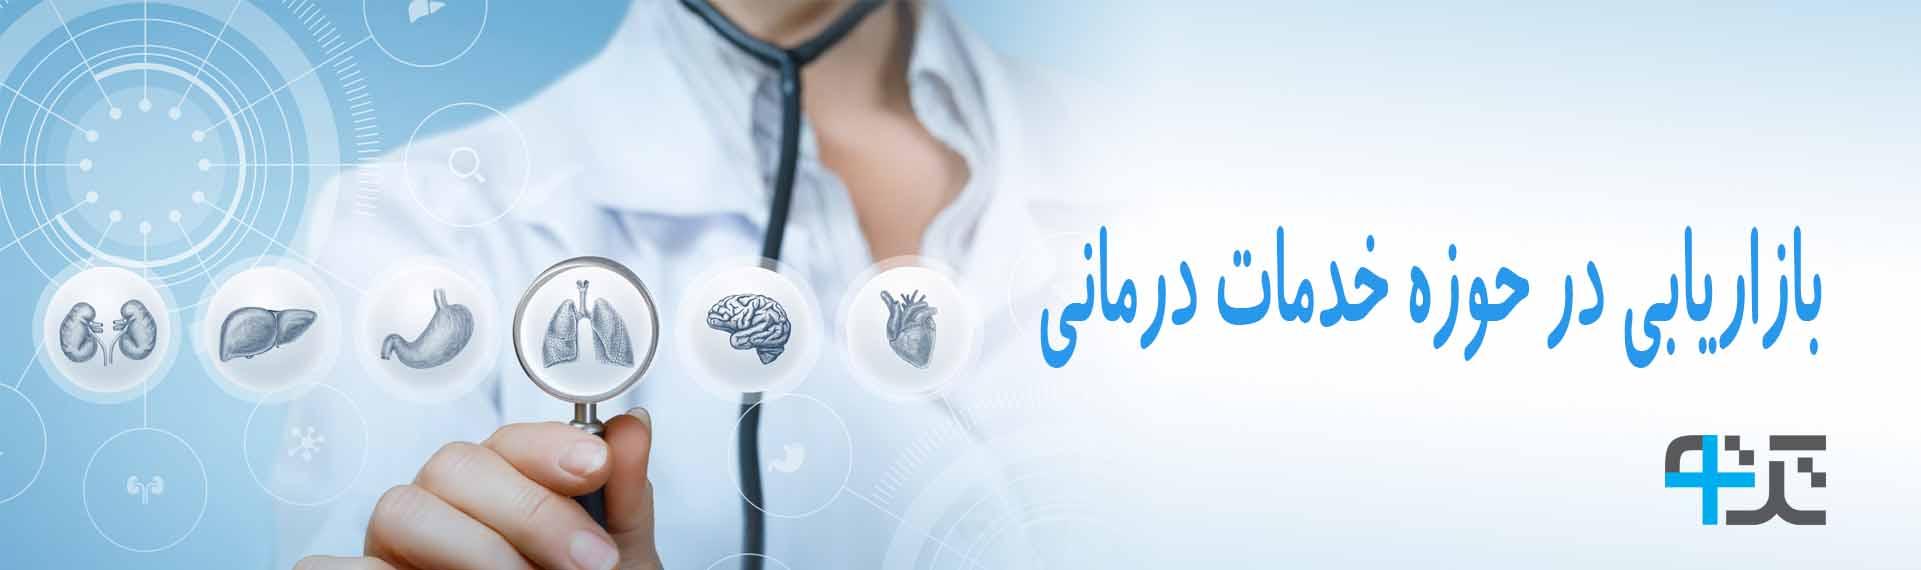 بازاریابی و تبلیغات پزشکی